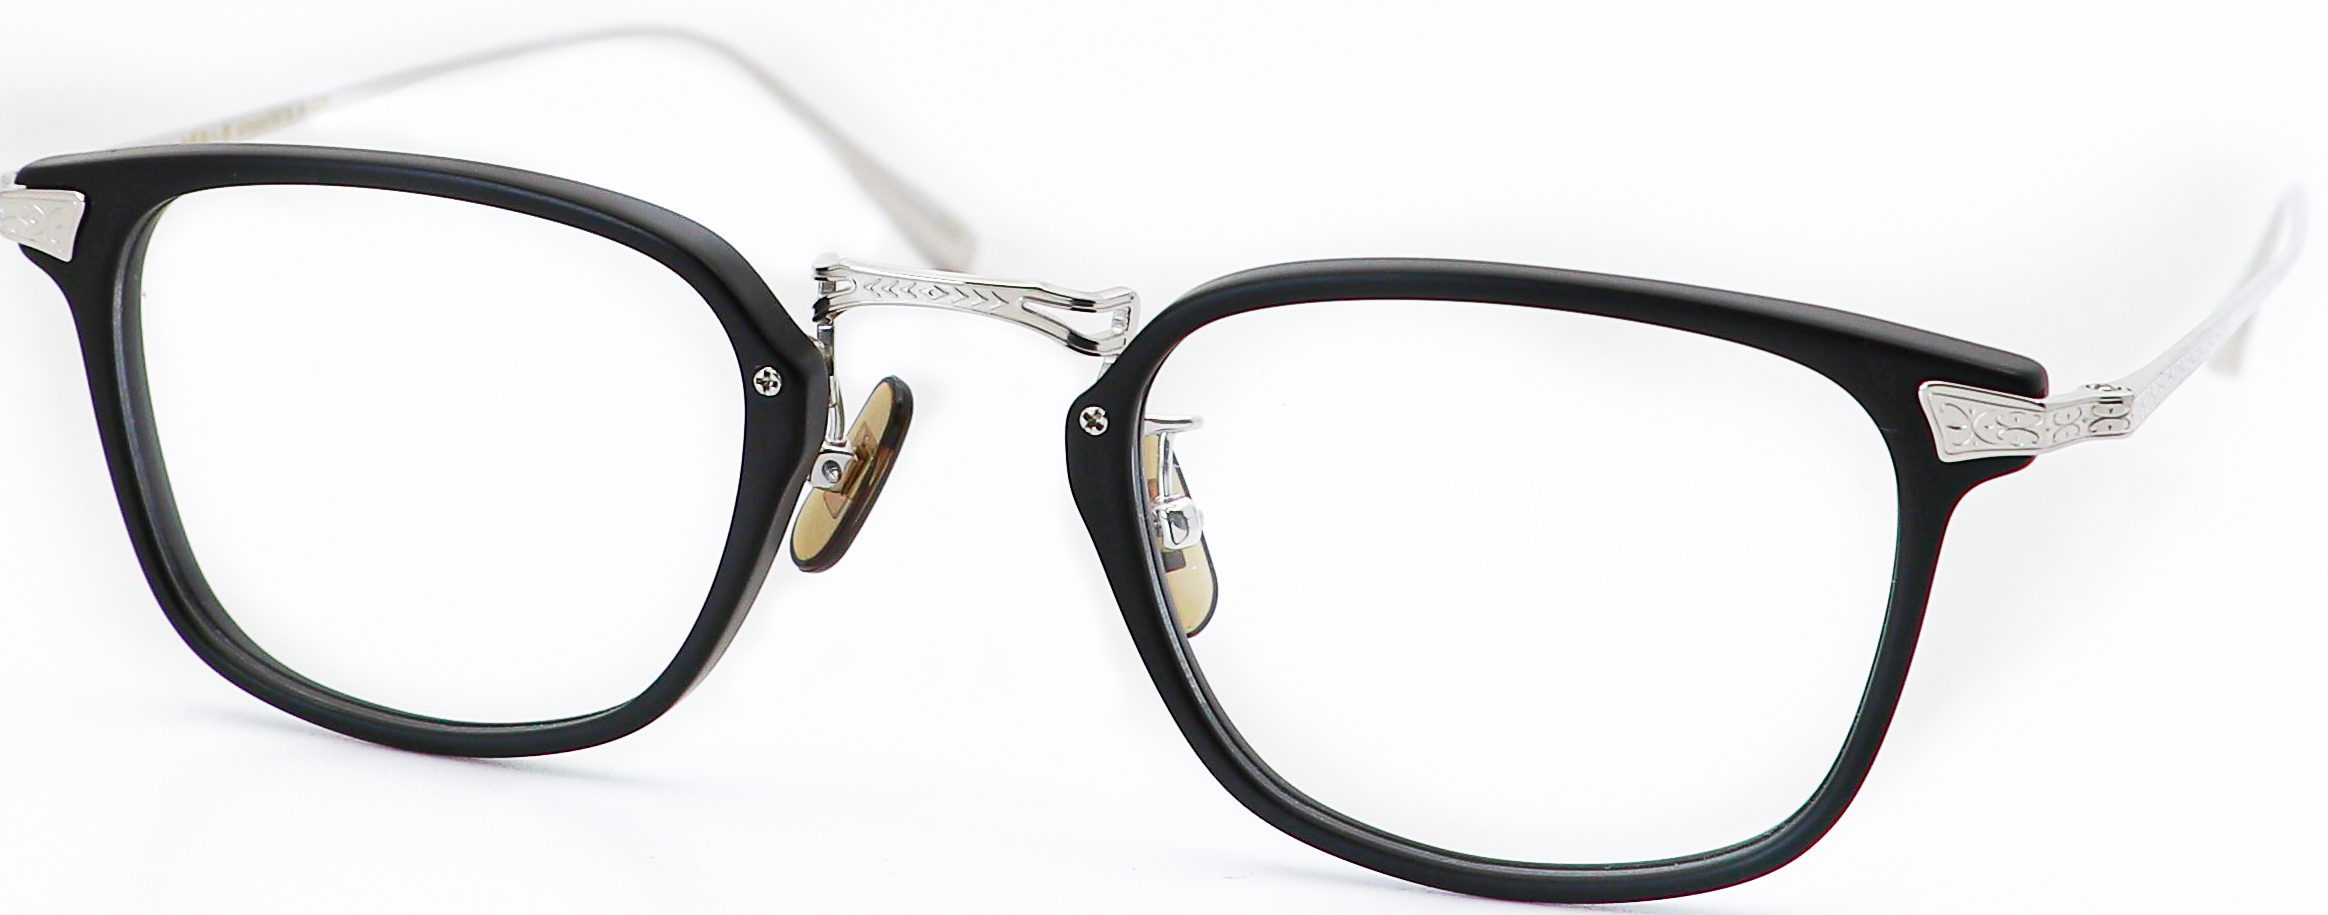 眼鏡のカラータイプC-6 Black-Matt/Silver